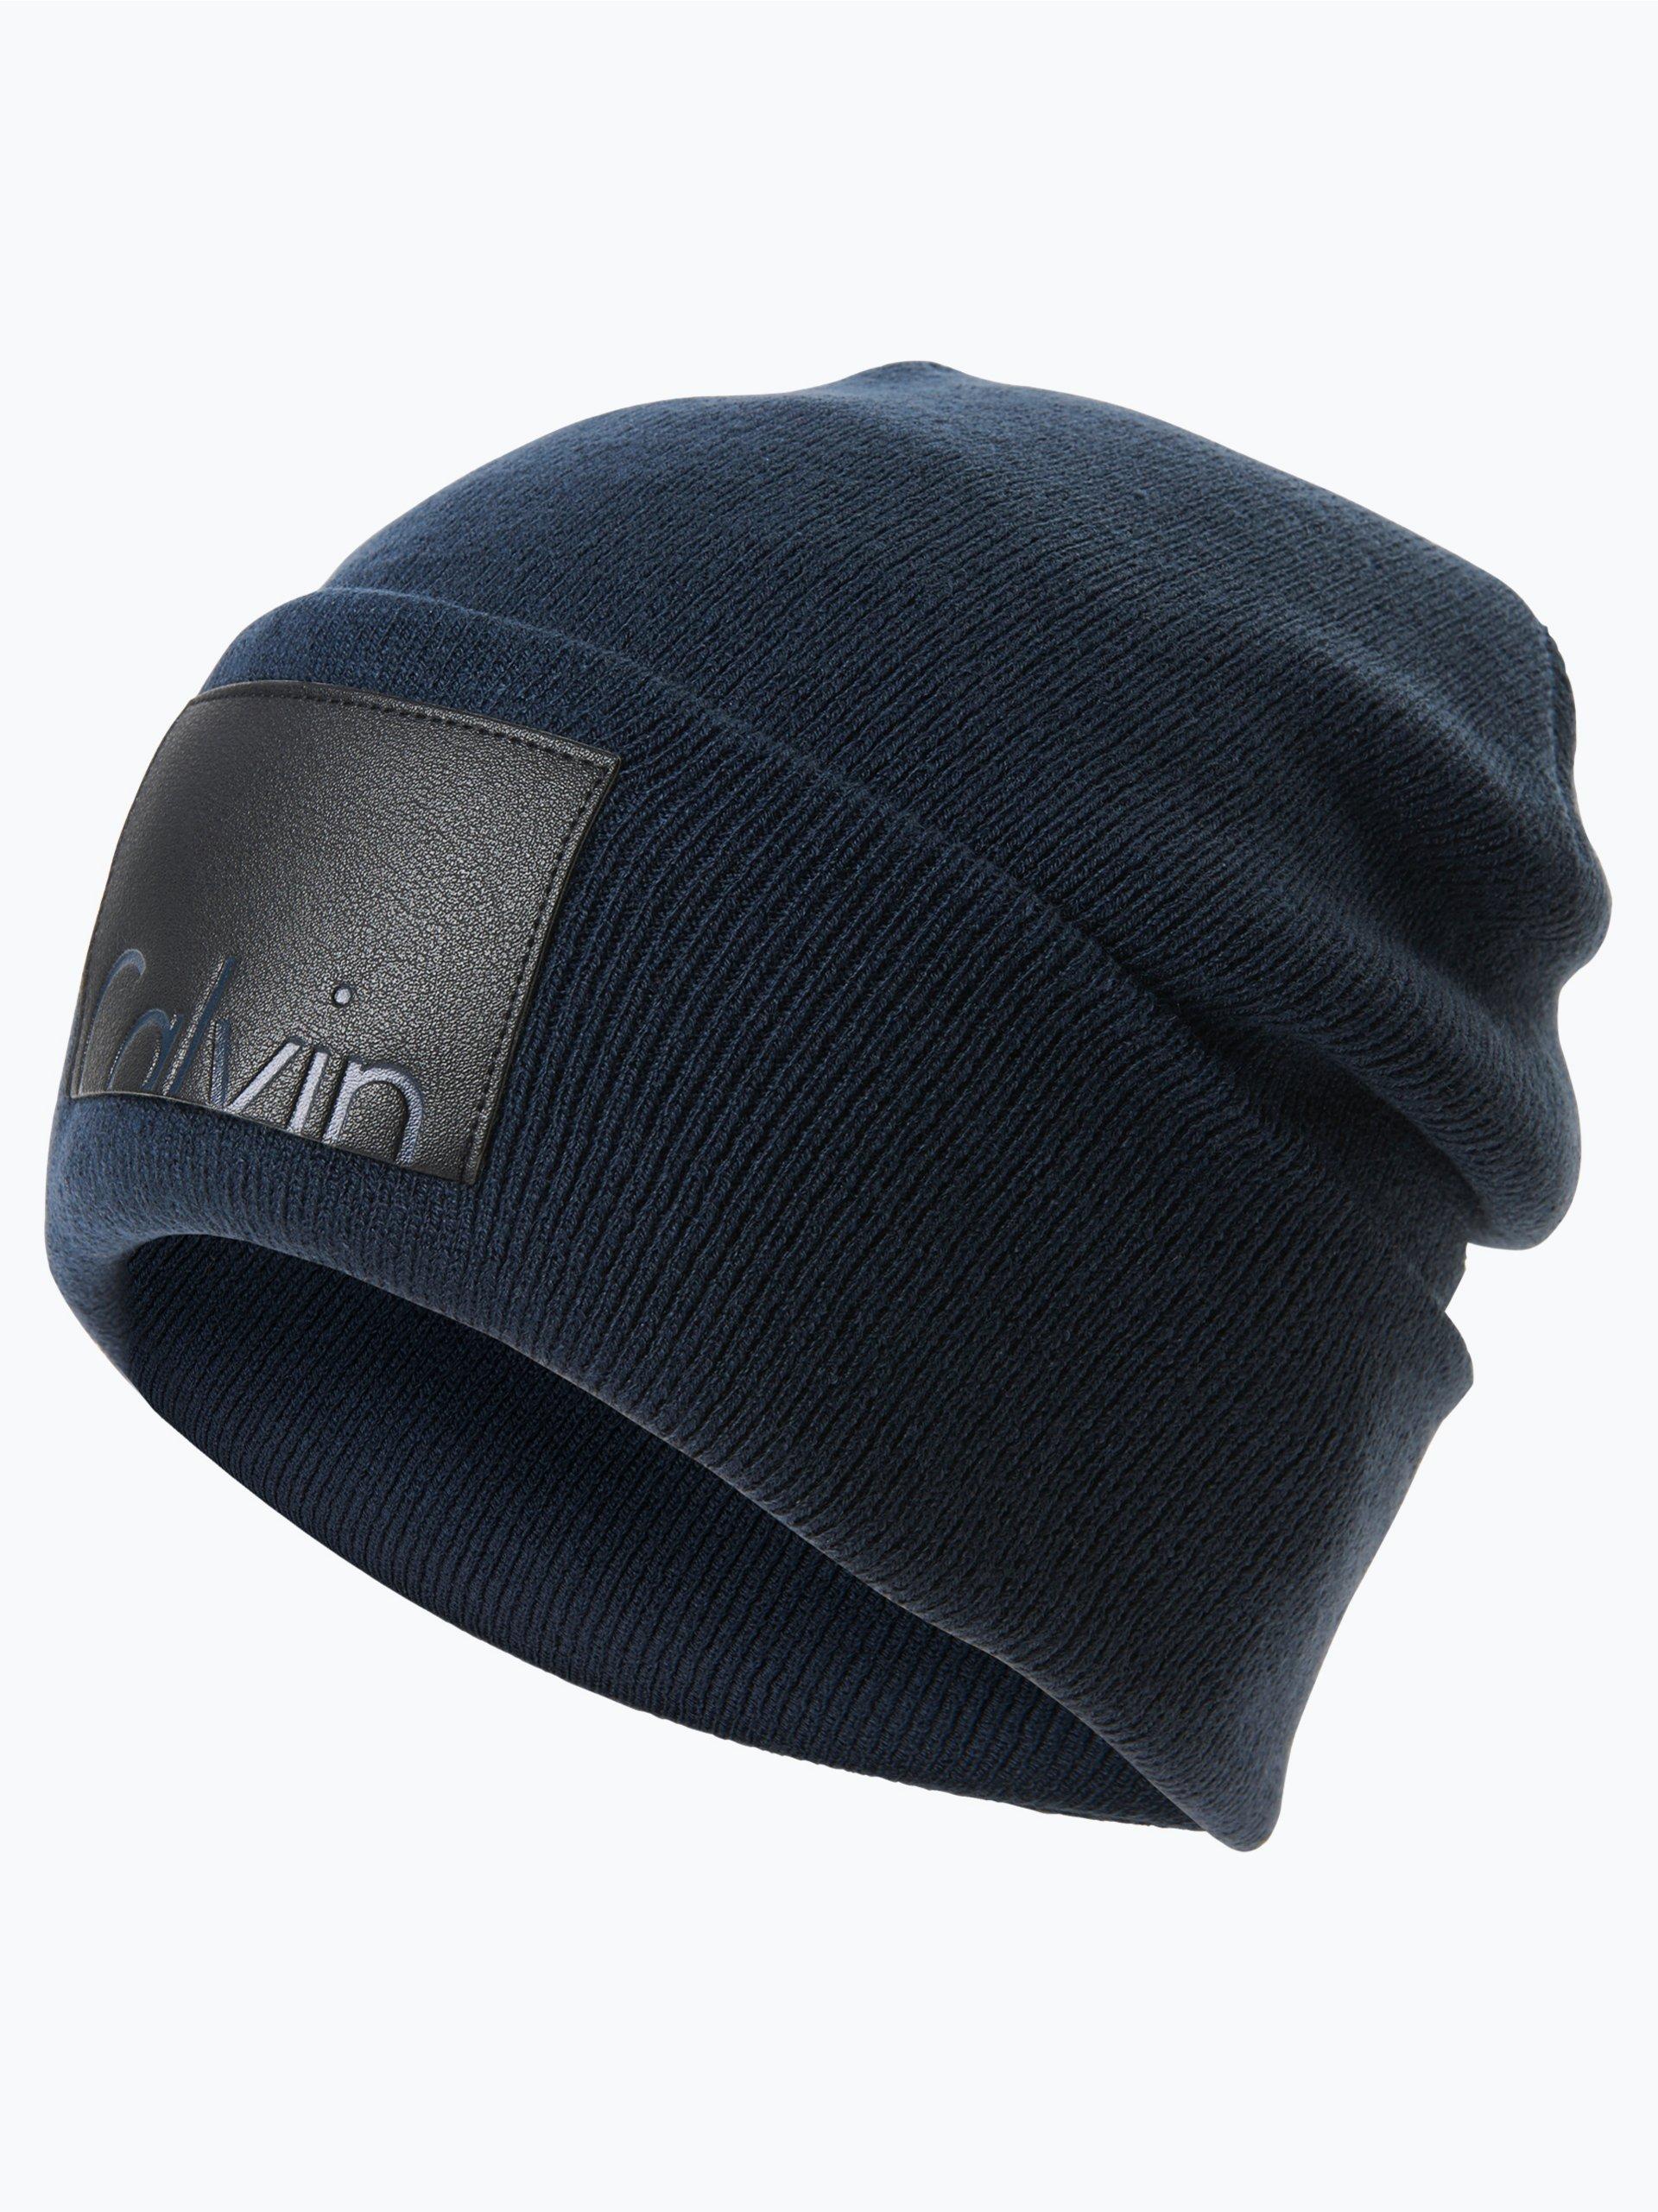 calvin klein jeans damen m tze marine uni online kaufen. Black Bedroom Furniture Sets. Home Design Ideas